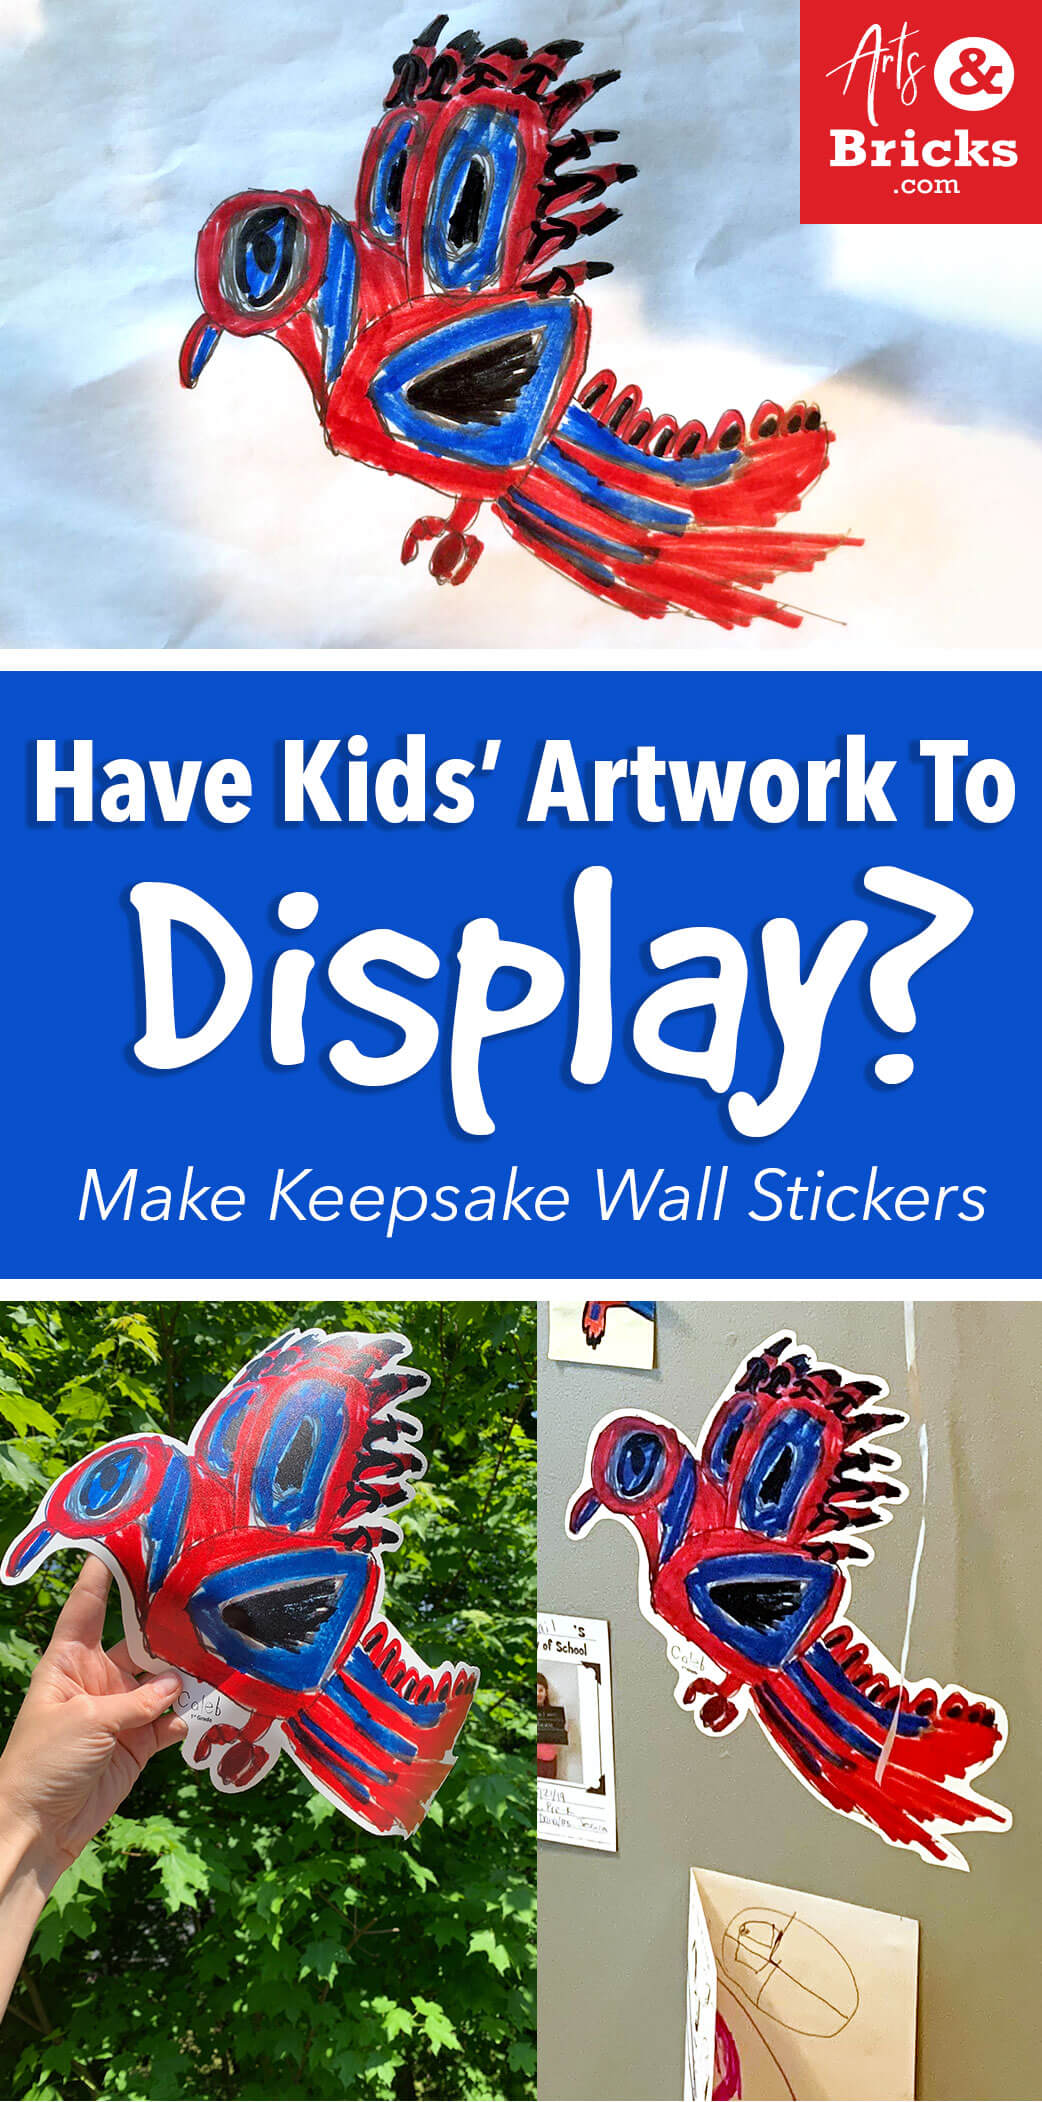 Have kids artwork to display? Make keepsake wall stickers at Arts and Bricks.